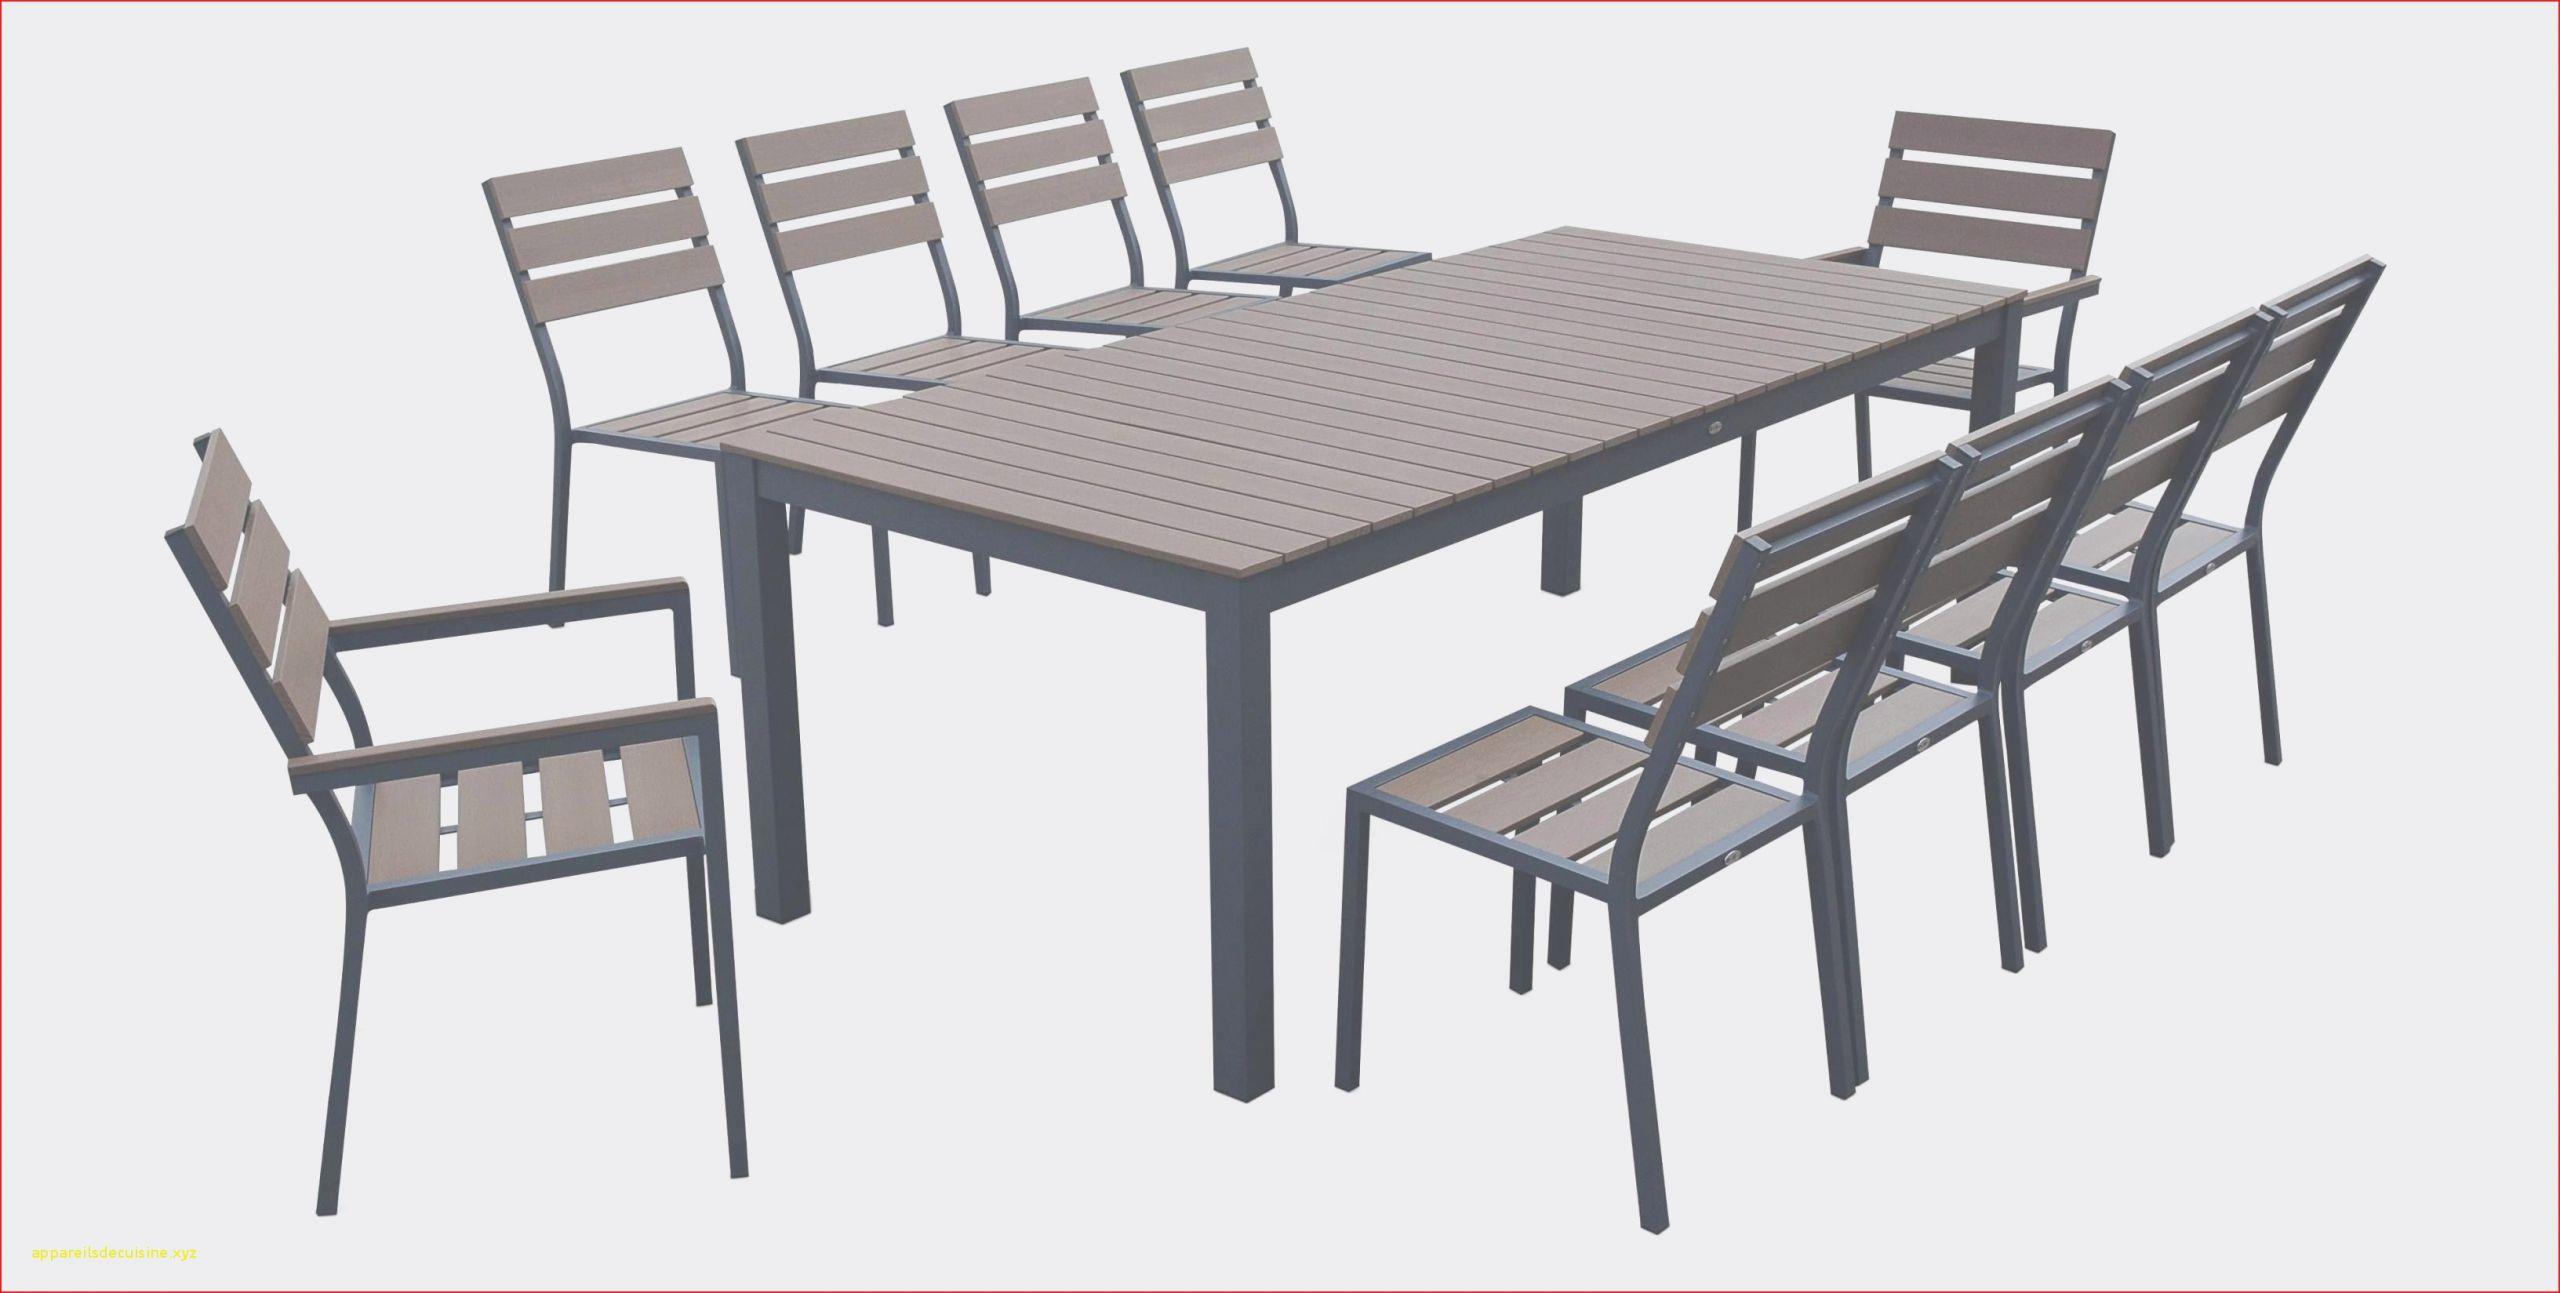 Table Bois Metal Exterieur table en bois exterieur génial jardin archives